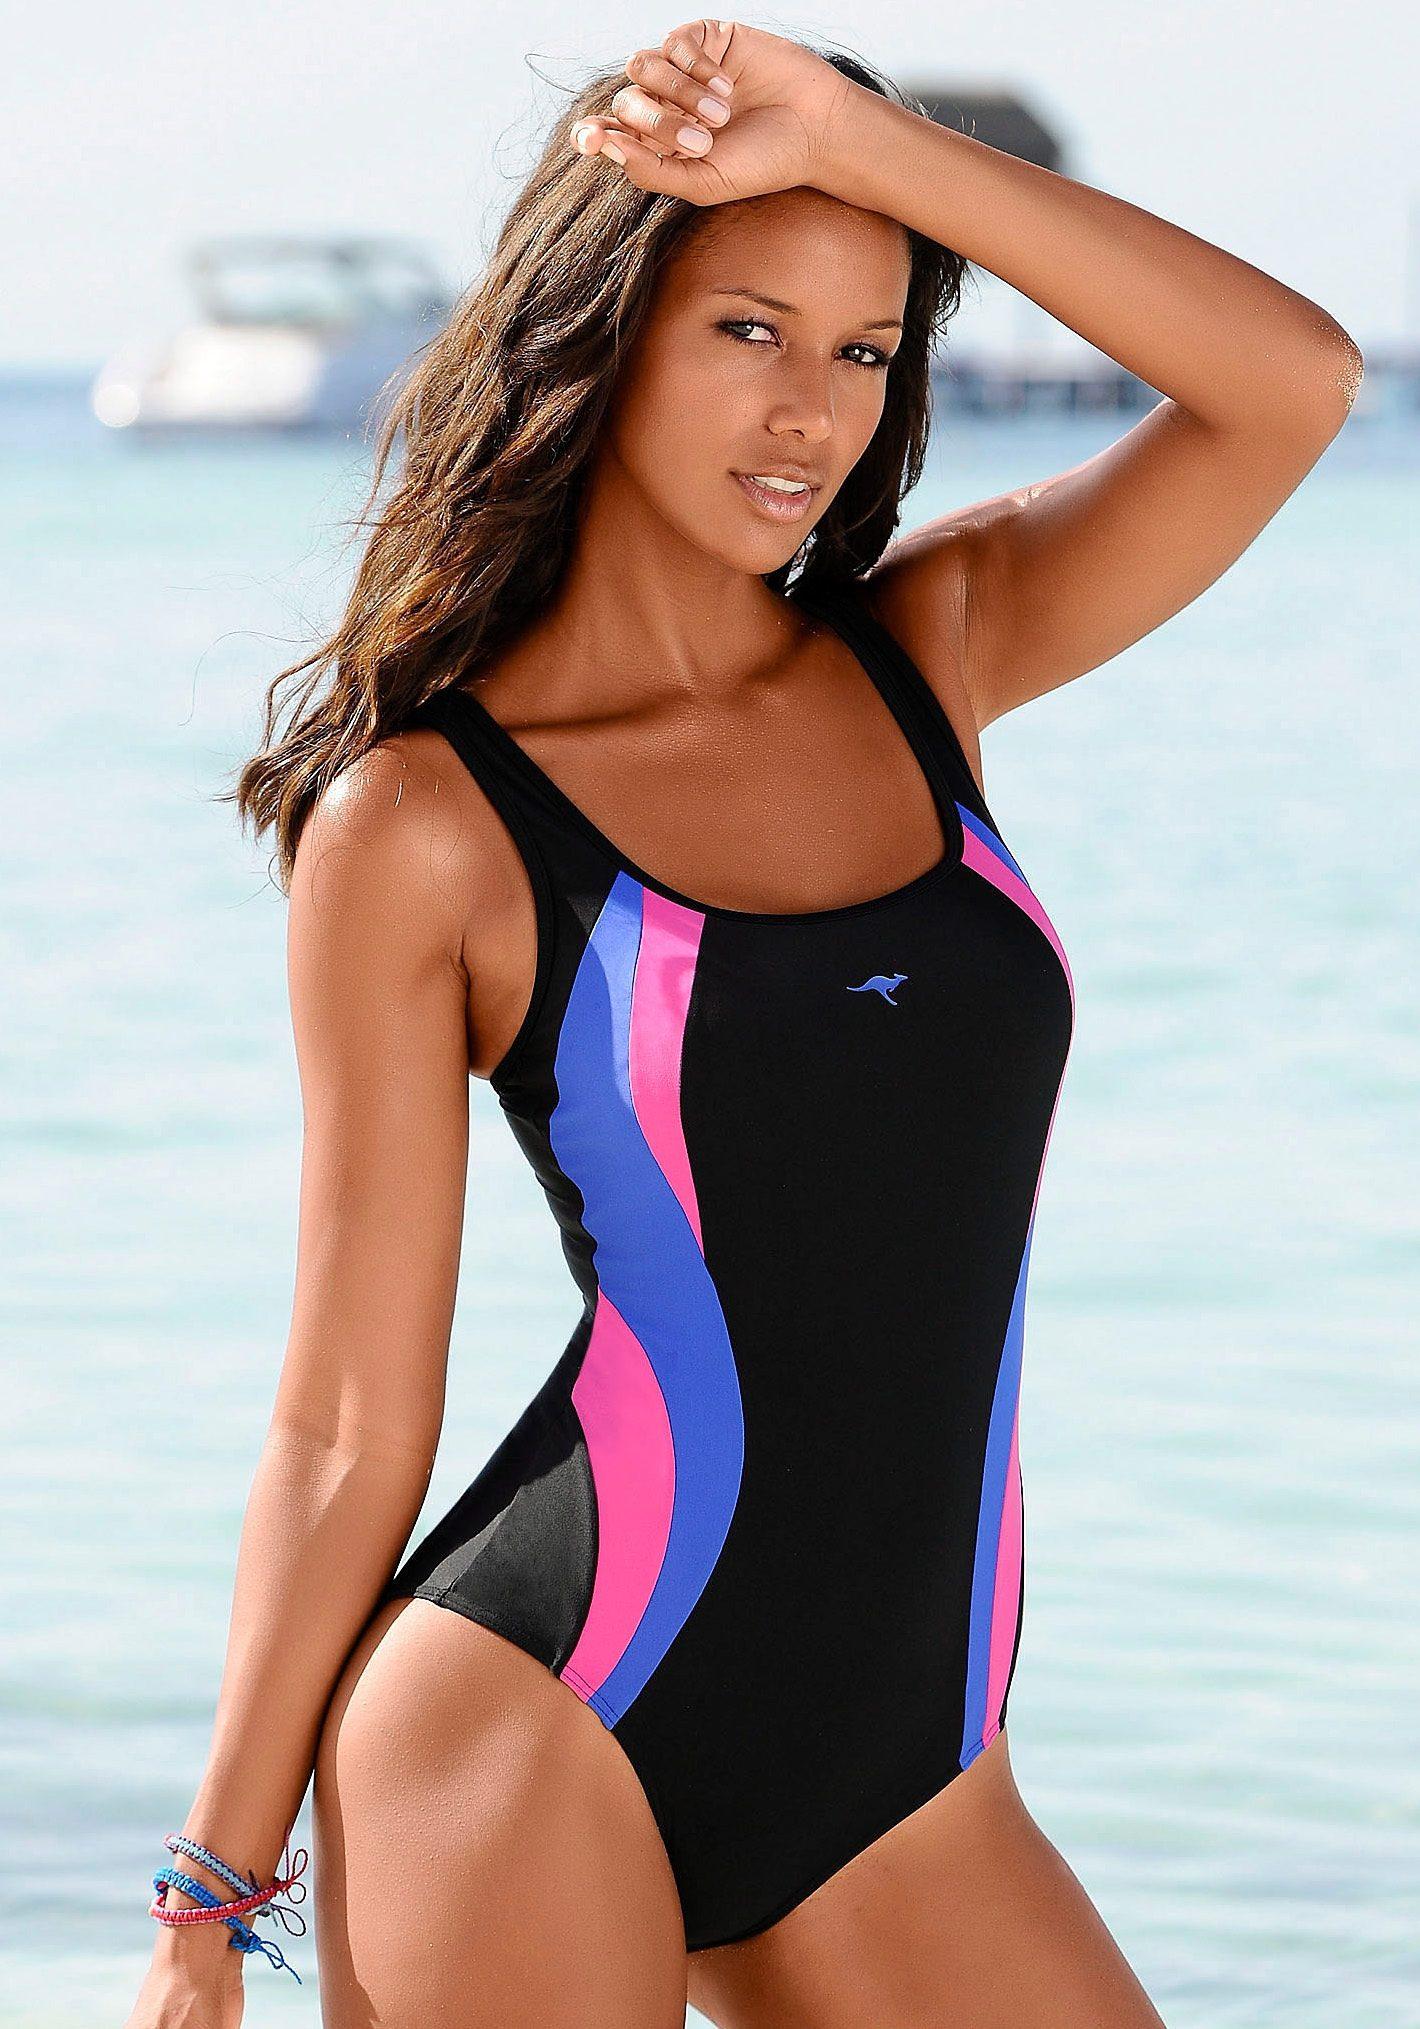 KangaROOS Badeanzug mit kontrastfarbenen Einsätzen